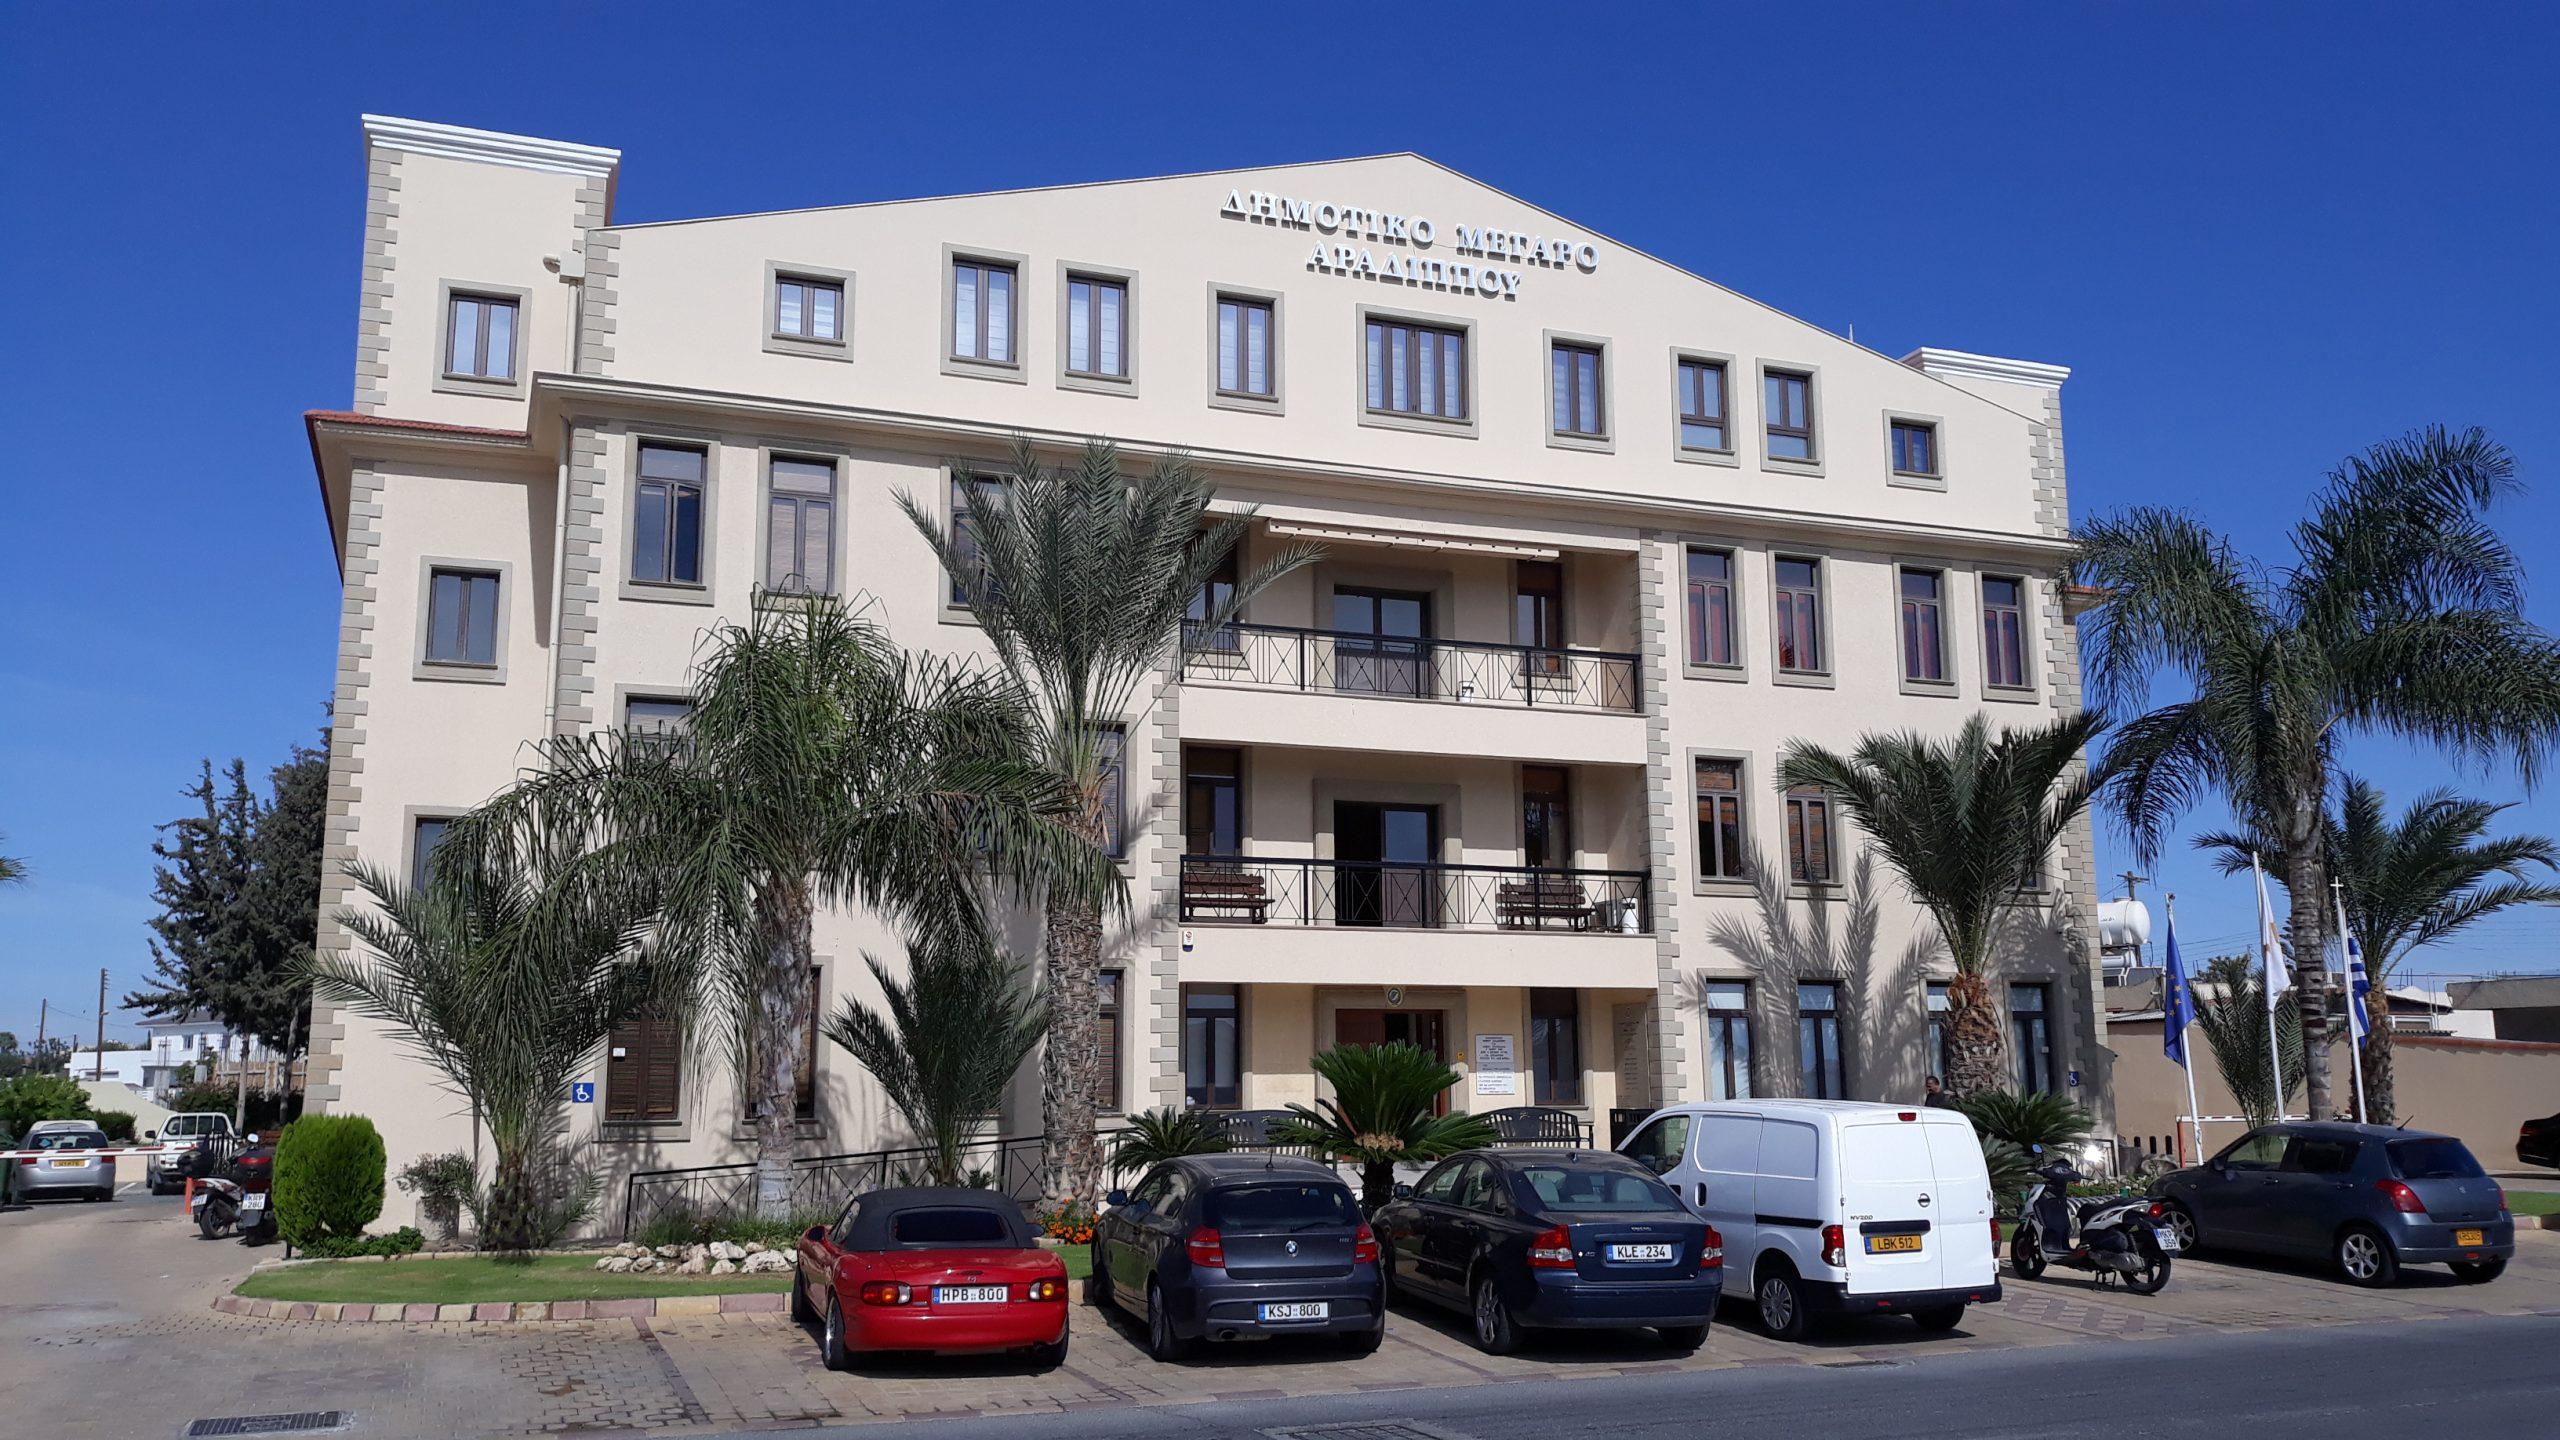 Λήξη εργασιών 8ου έτους Ελεύθερου Πανεπιστημίου του Δήμου Αραδίππου